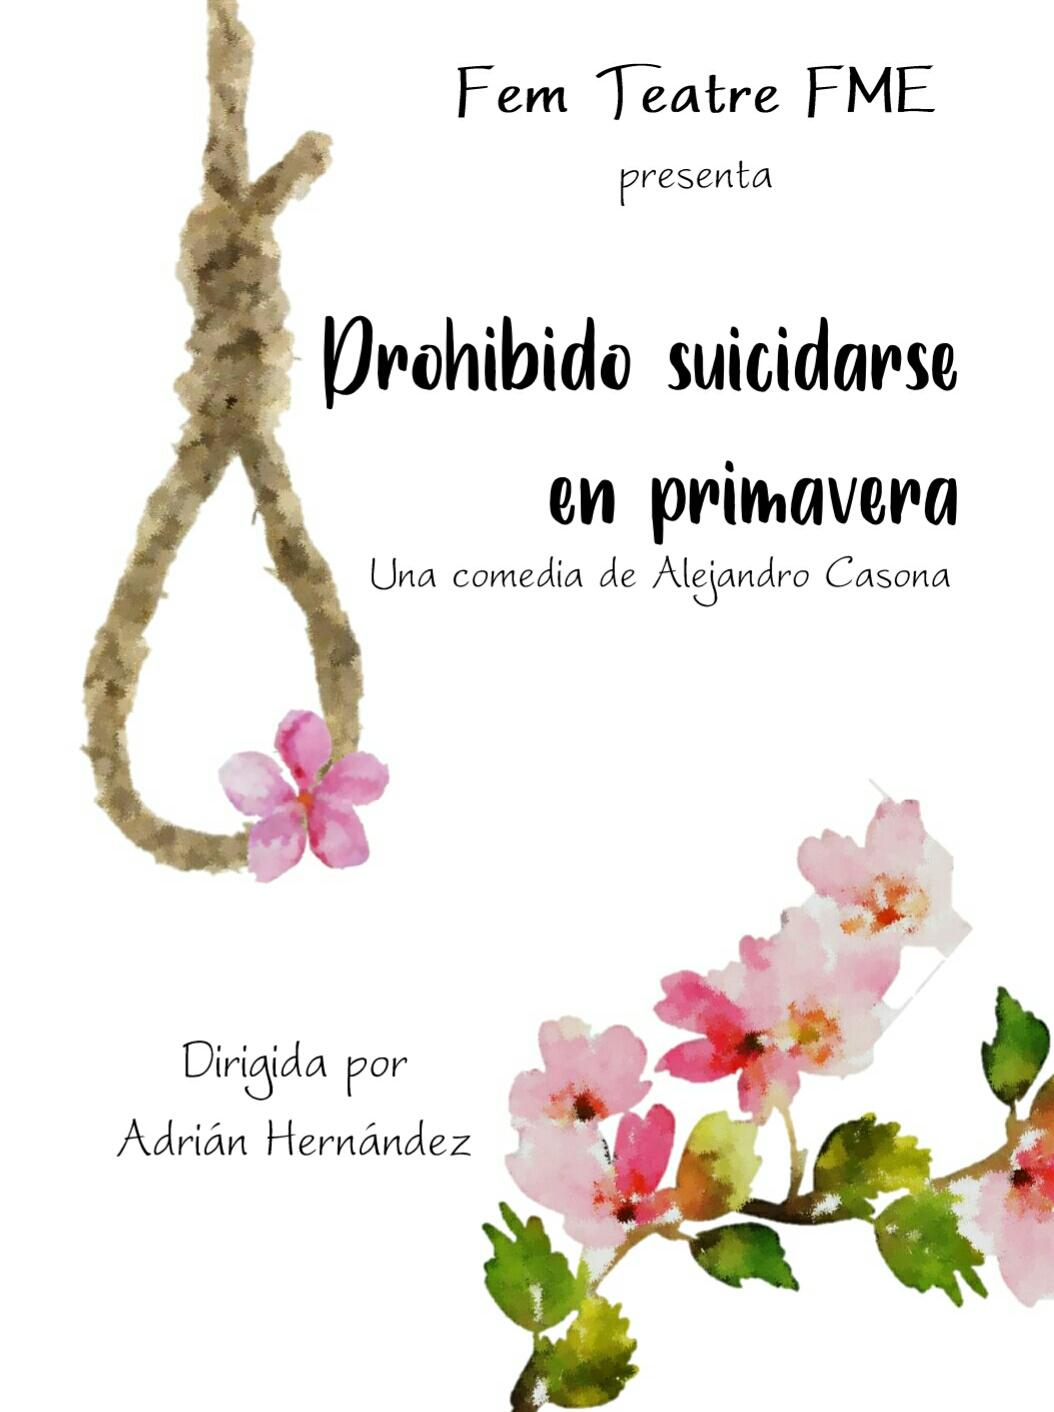 Prohibido suicidarse en primavera 2019 F